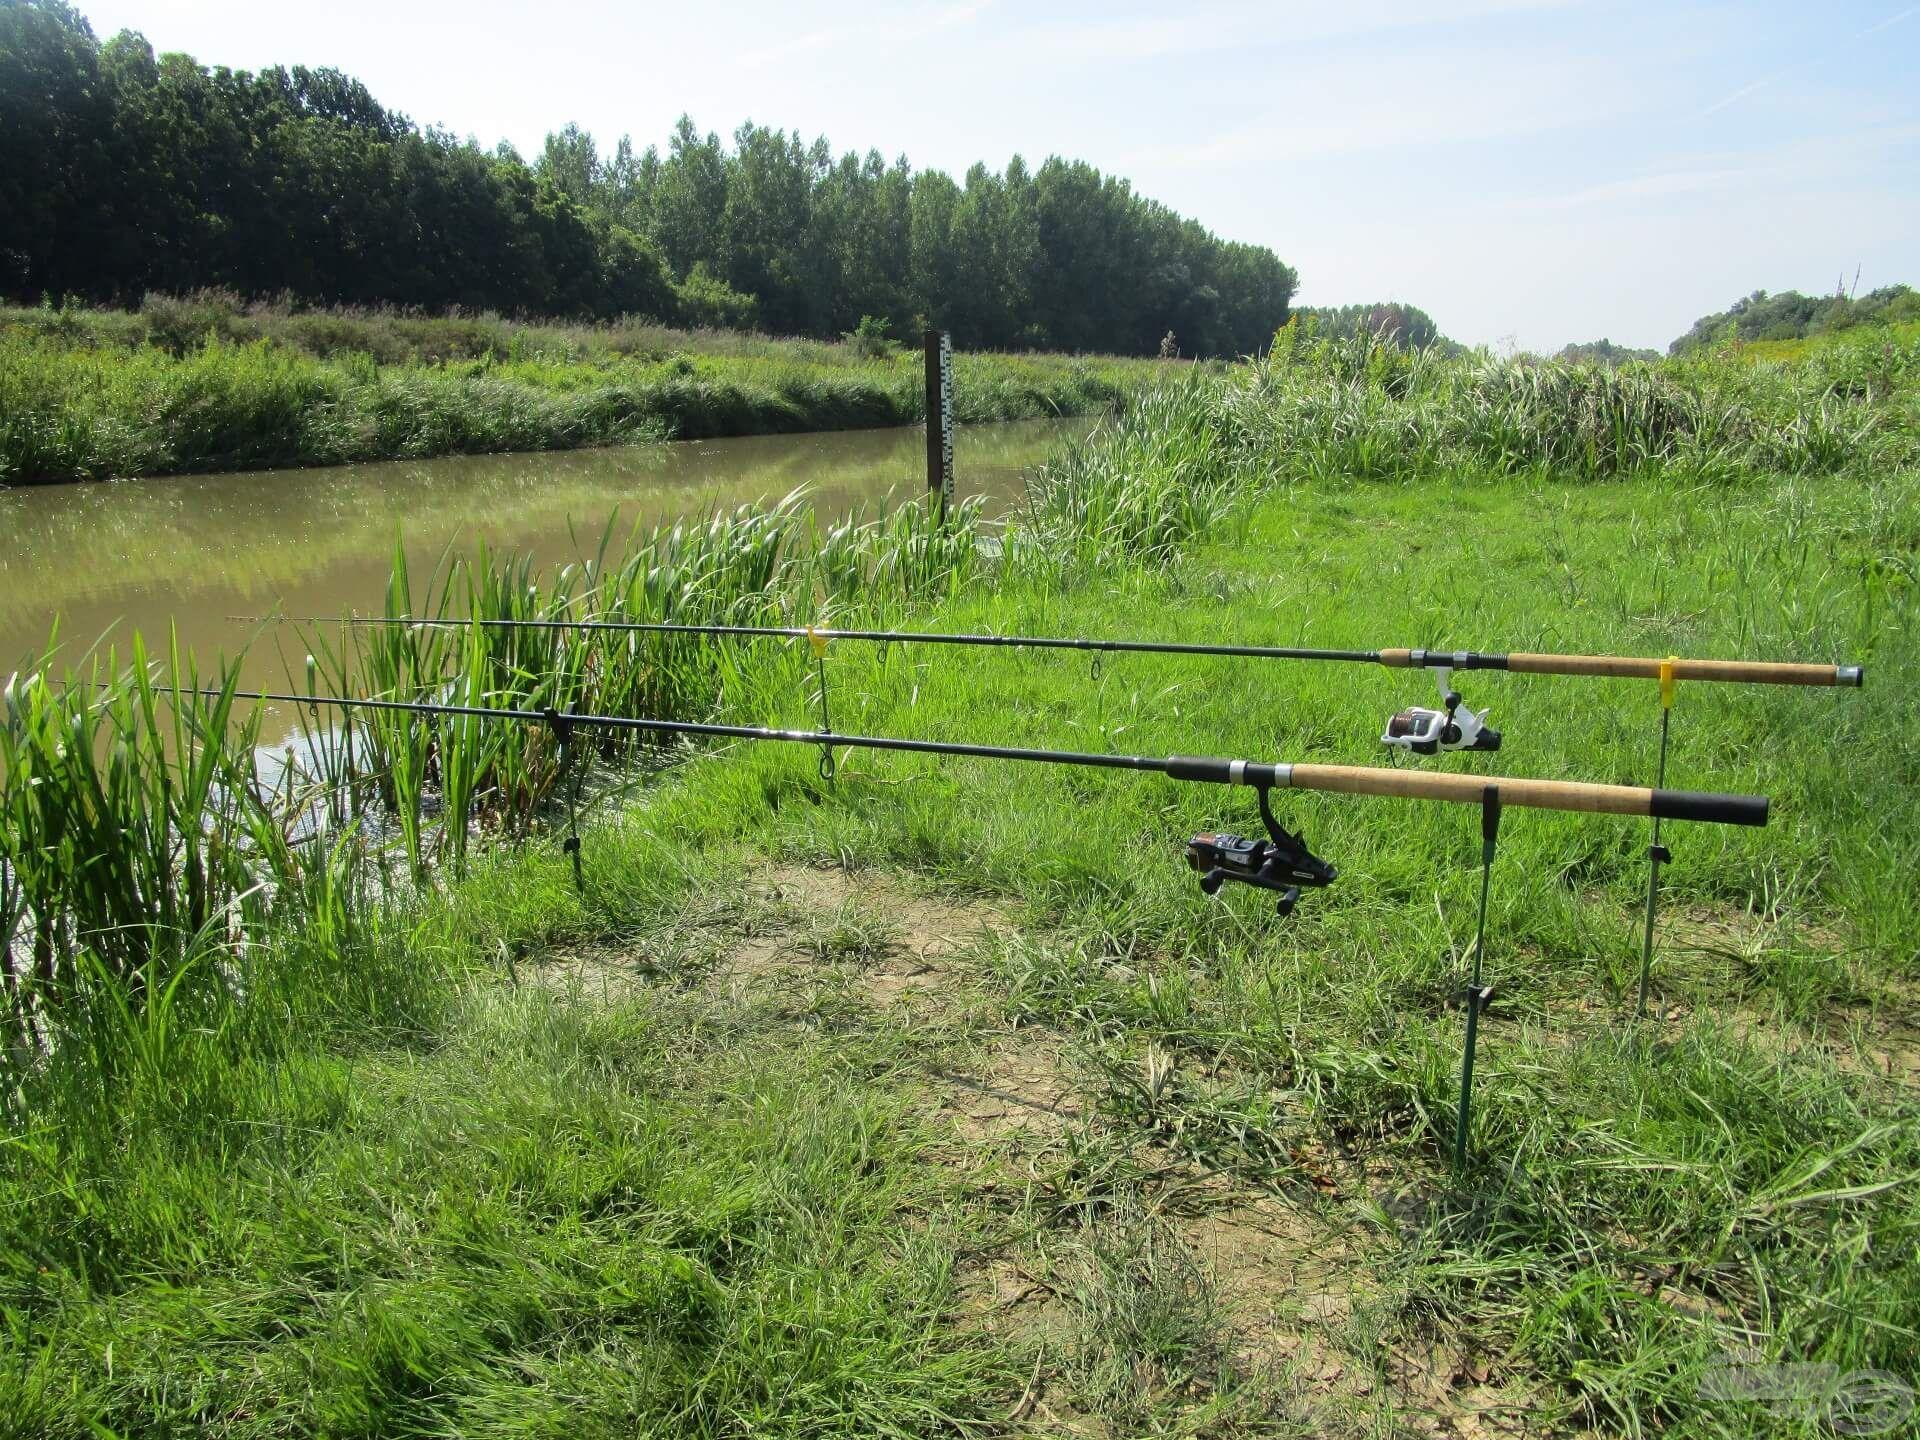 Ha két bottal horgászom, nyeletőfékes orsókat használok